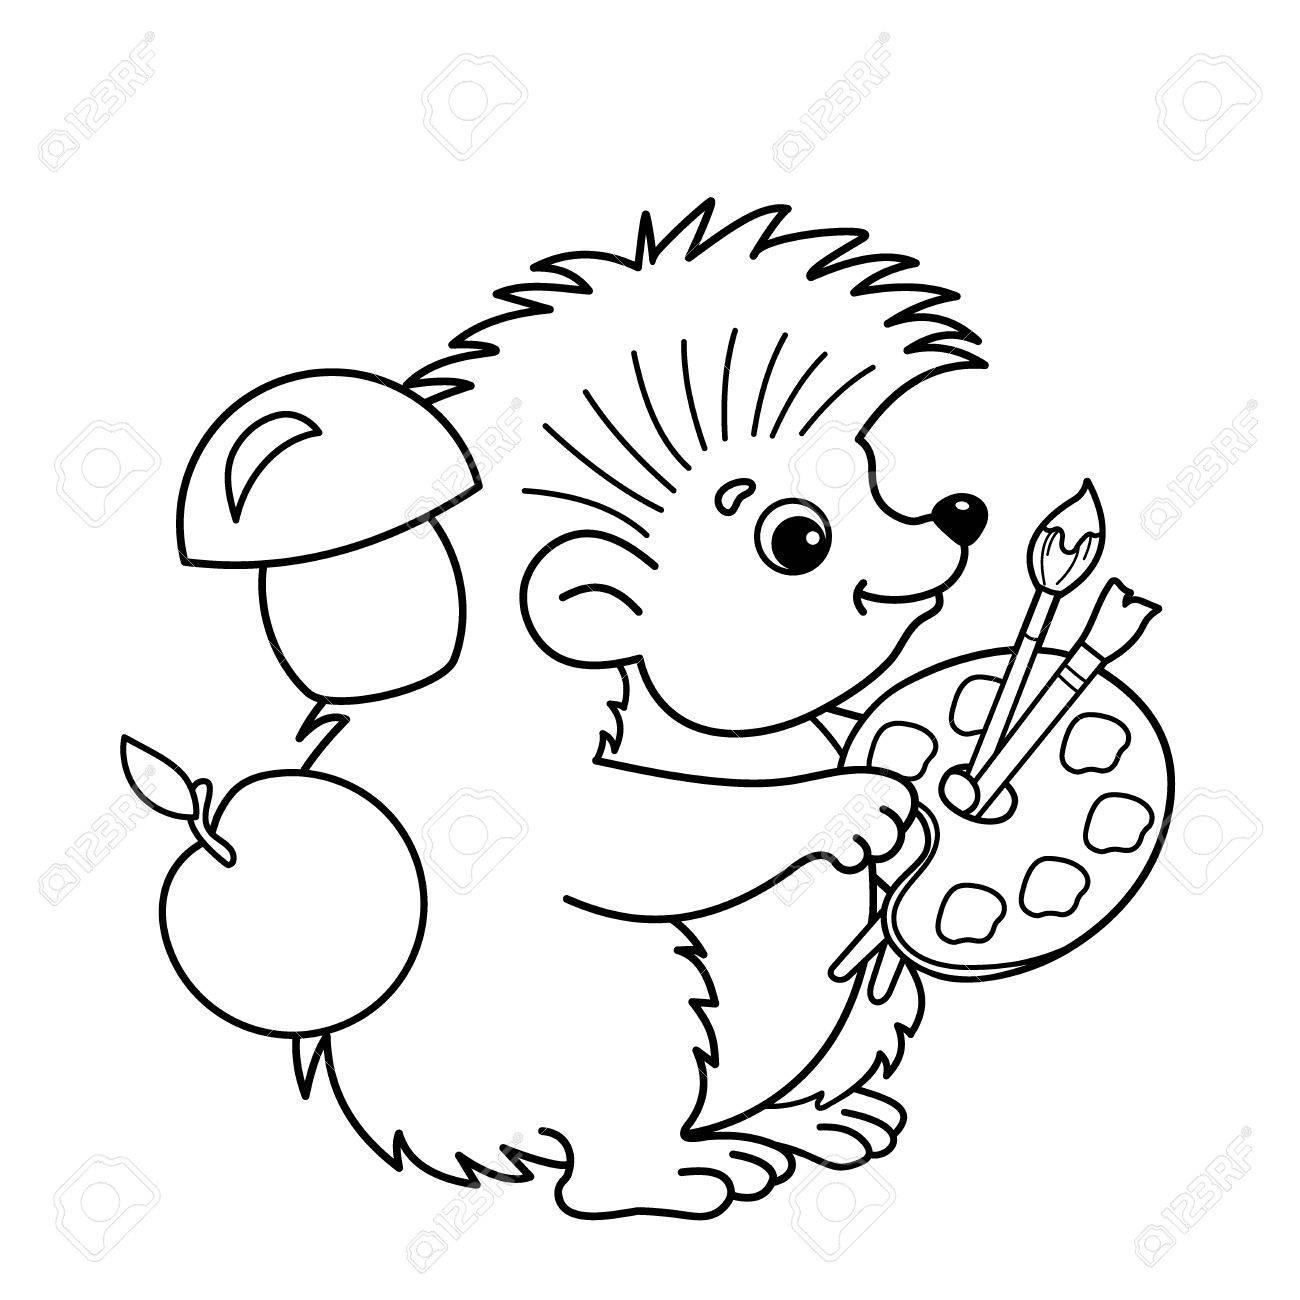 Página para colorear Esquema de erizo de la historieta con pinceles y pinturas. Libro de colorear para niños